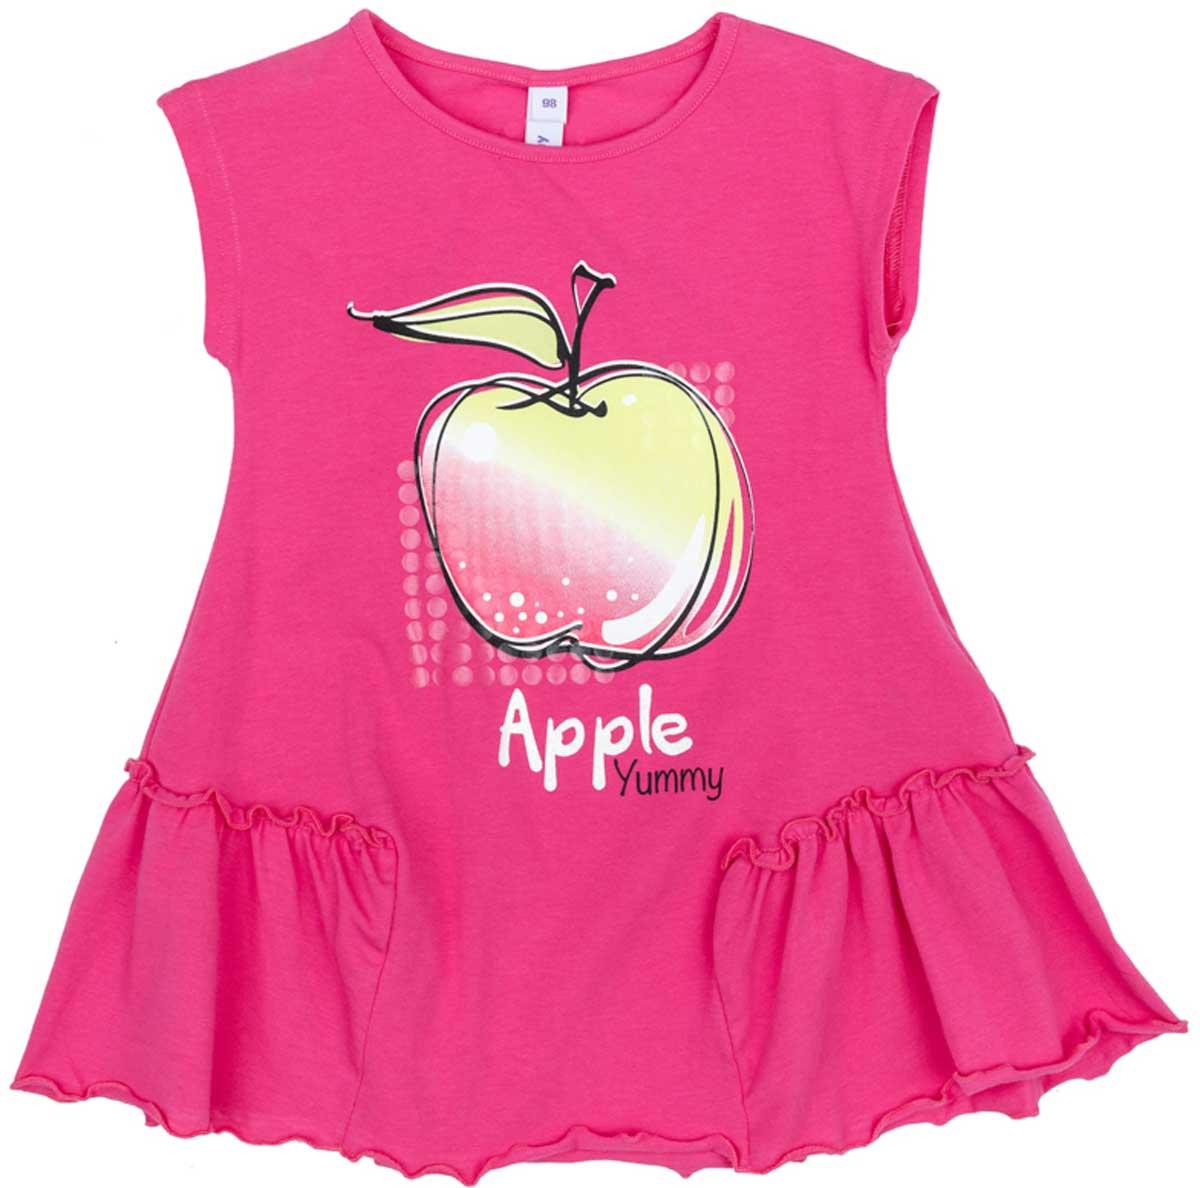 Платье172175Эффектное платье PlayToday насыщенного цвета из натуральной ткани сможет быть прекрасным дополнением летнего детского гардероба. Модель декорирована ярким принтом. По бокам нестандартные вставки с мягкими оборками.